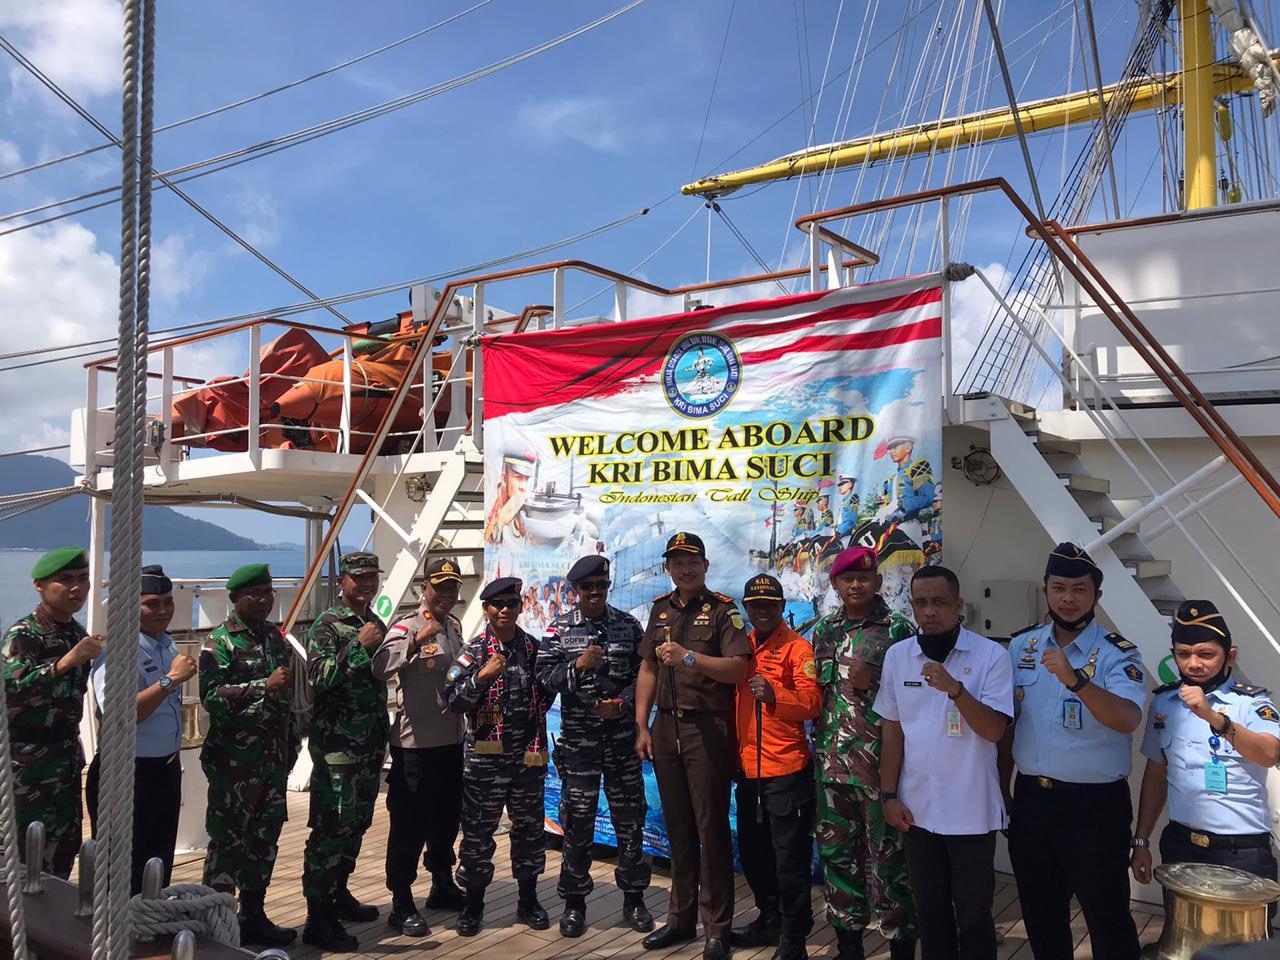 Wakapolres Natuna Hadiri Penyambutan KRI Bima Suci Dalam Rangka Lattek KJK Taruna-Taruni AAL TK III Angkatan 67 TA 2020